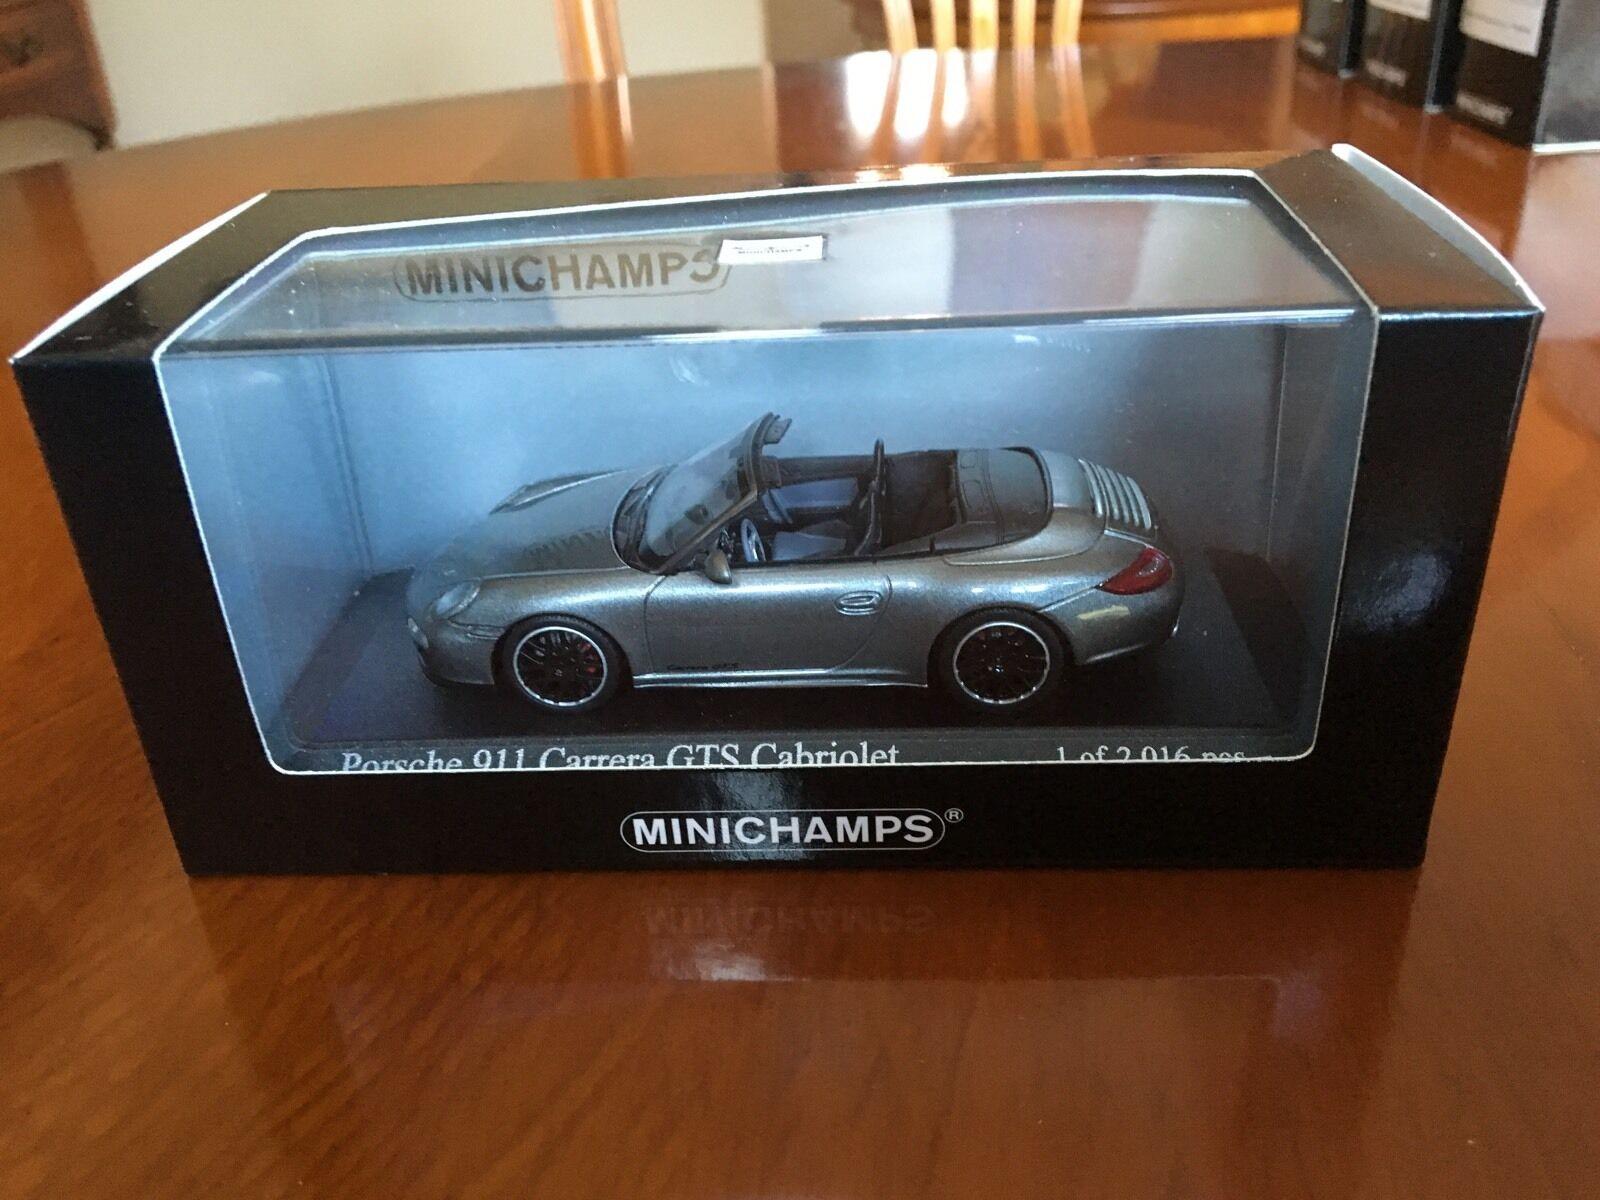 Minichamps Porsche 911 Carrera GTS Cab (997 II), 2011. Met Grey, 1 43 Diecast.